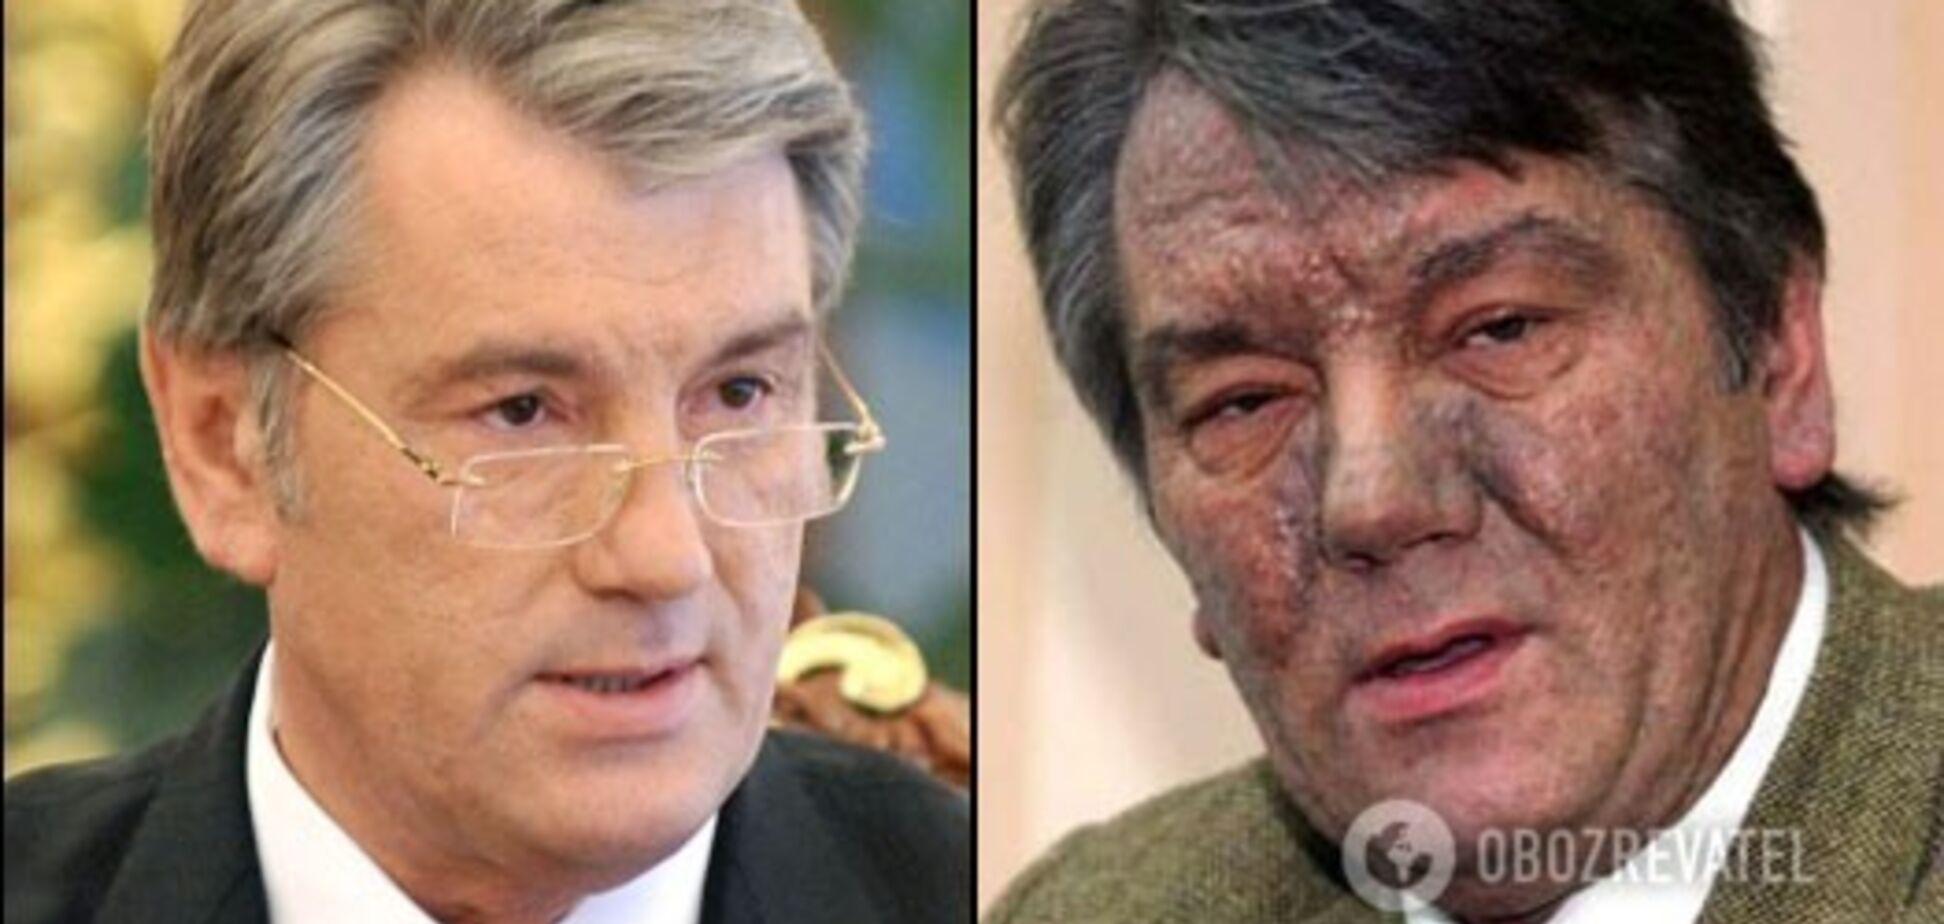 Доказательства есть: в деле об отравлении Ющенко раскрылись новые факты